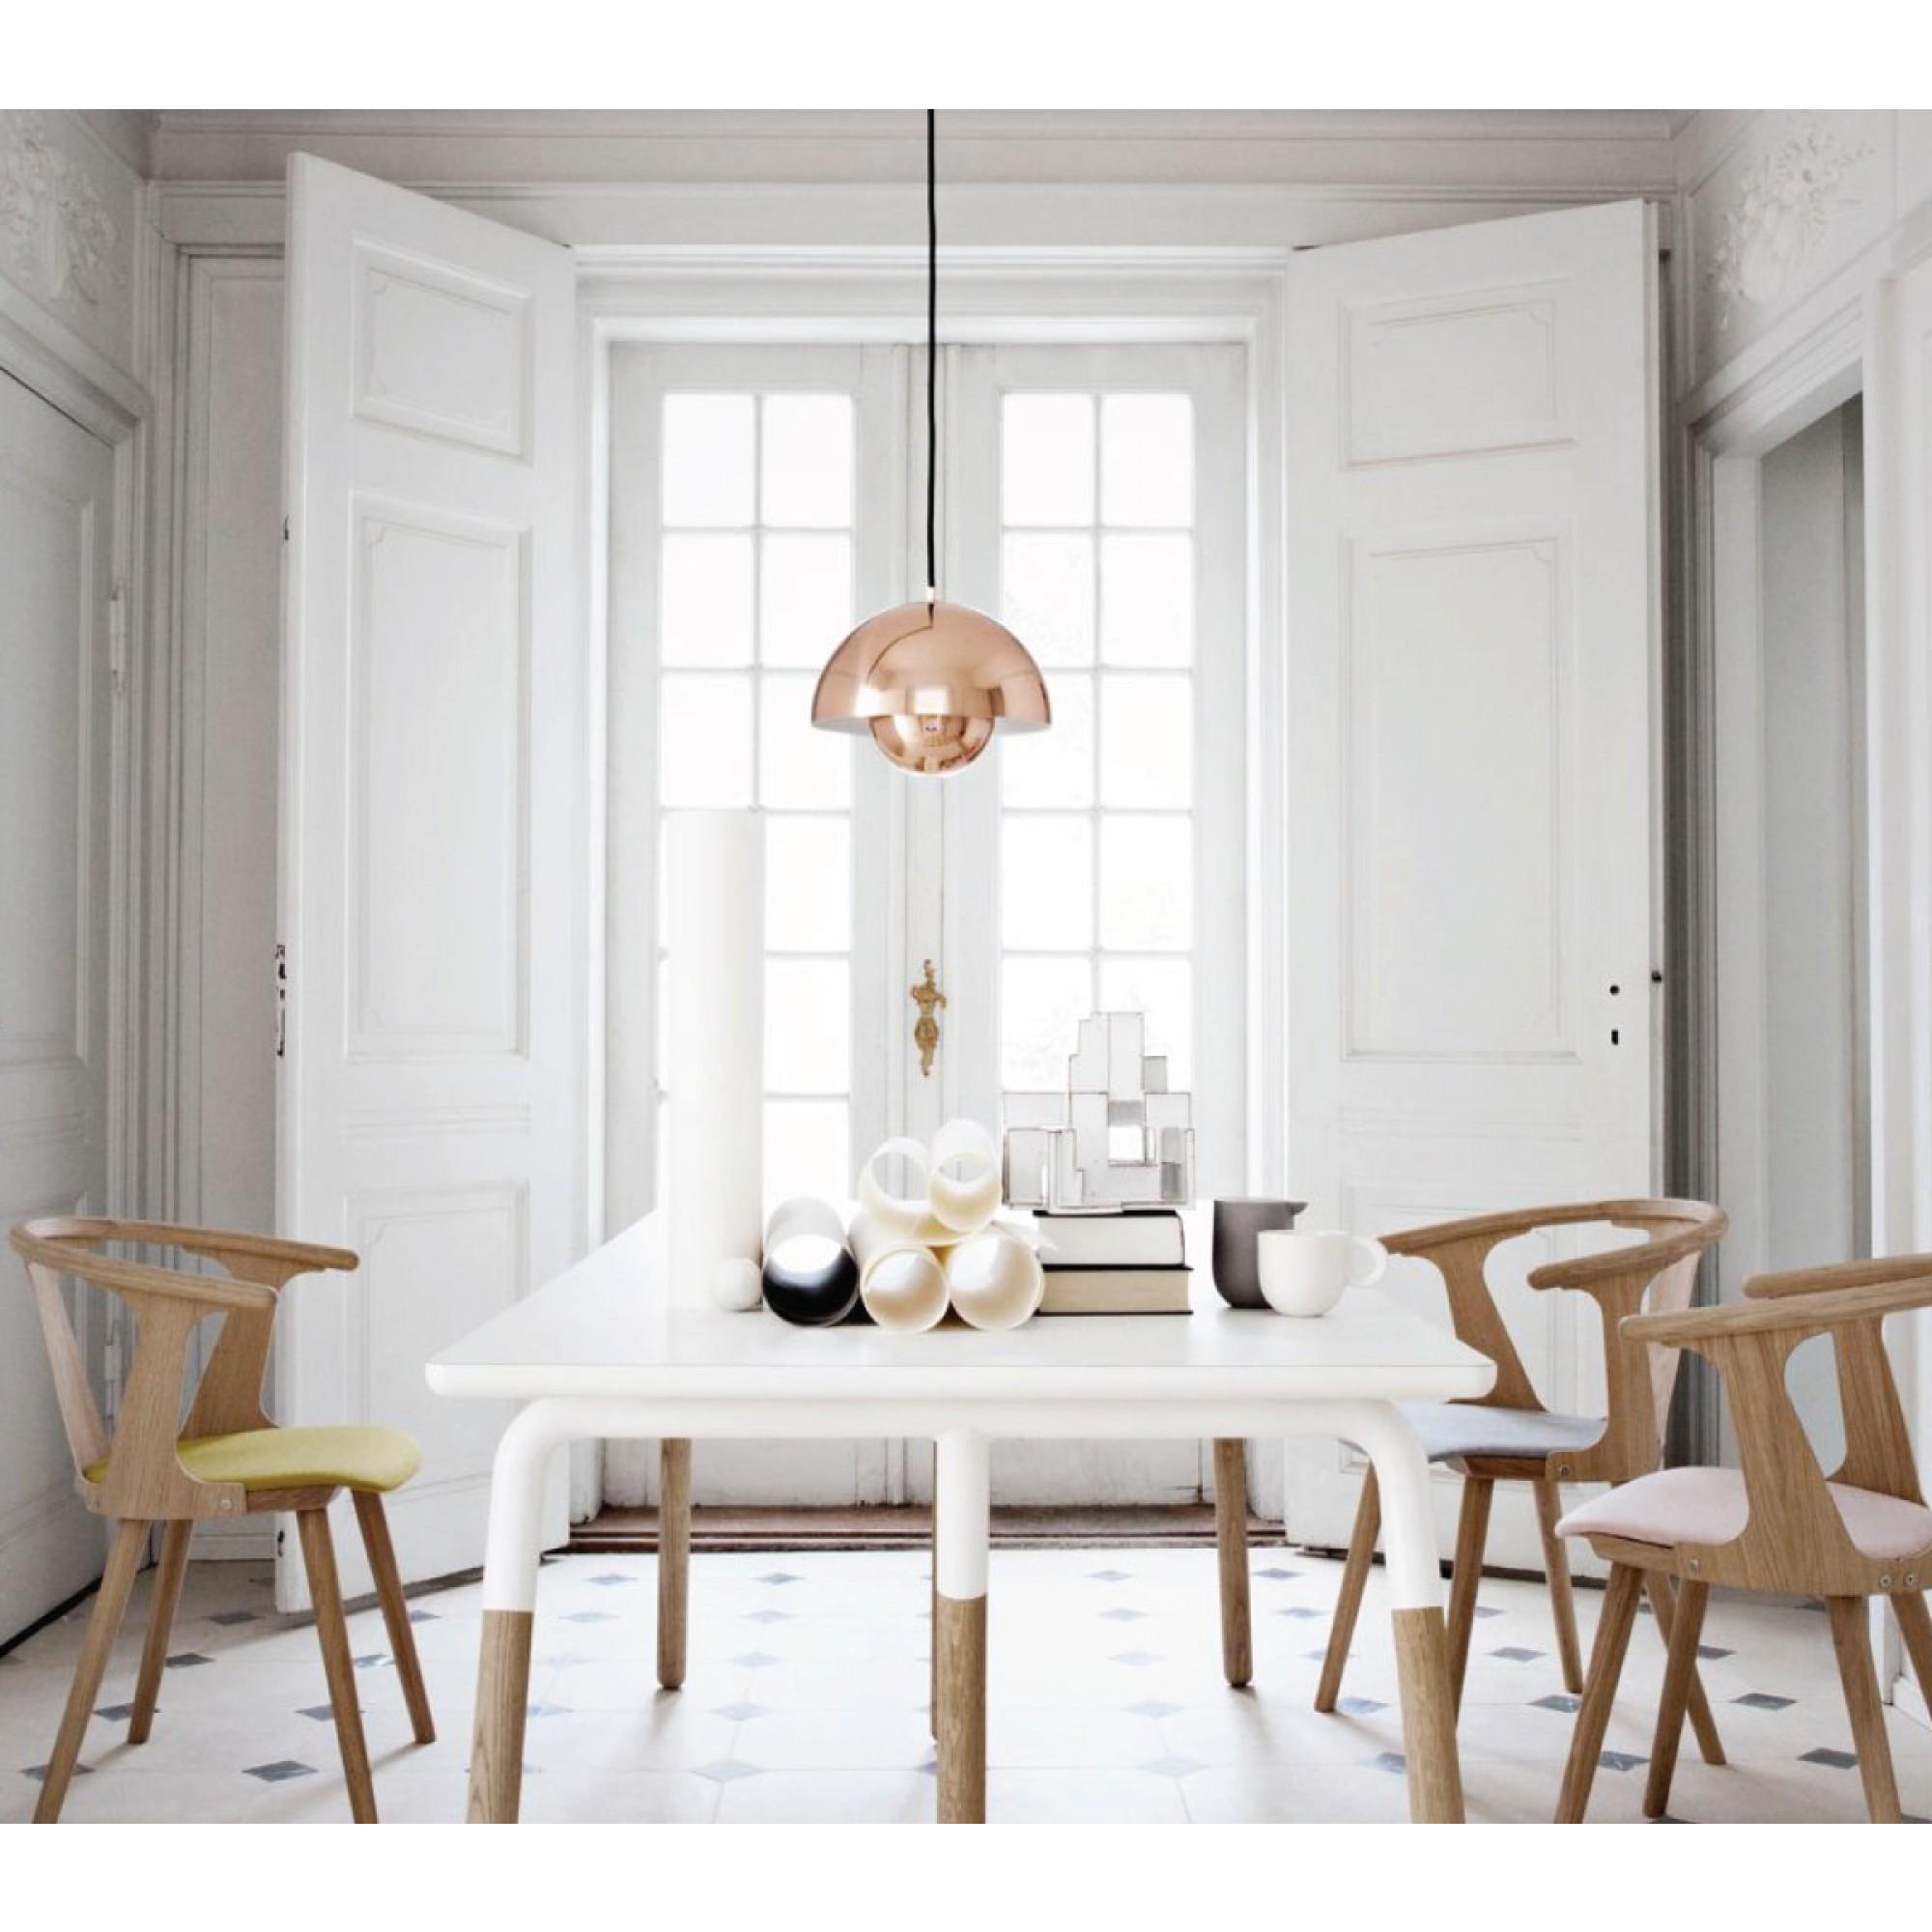 Design Lamp Flowerpot By Tradition Luxury Interior Design Online Shop